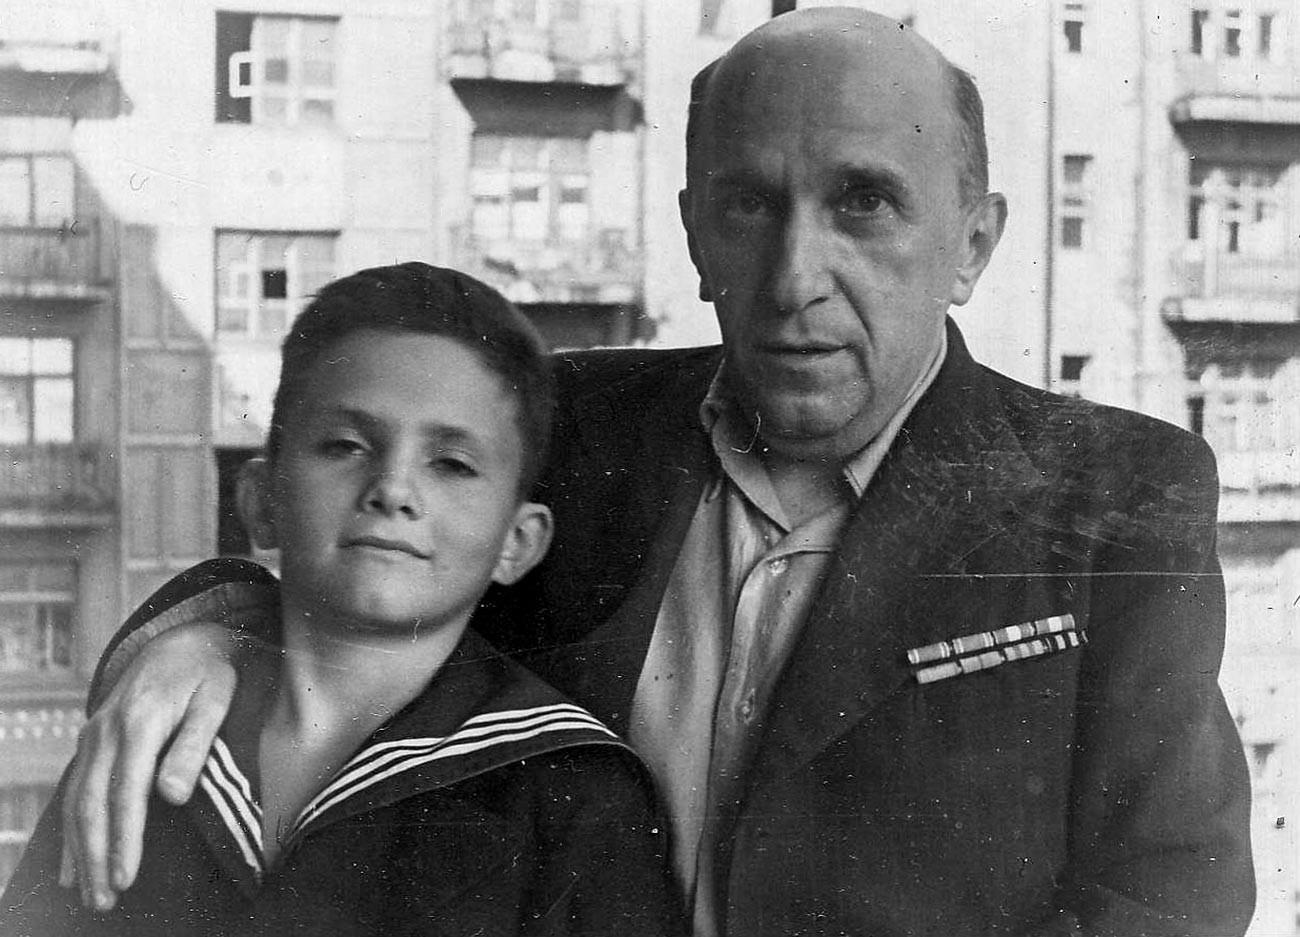 Iakov Serebrianski et son fils